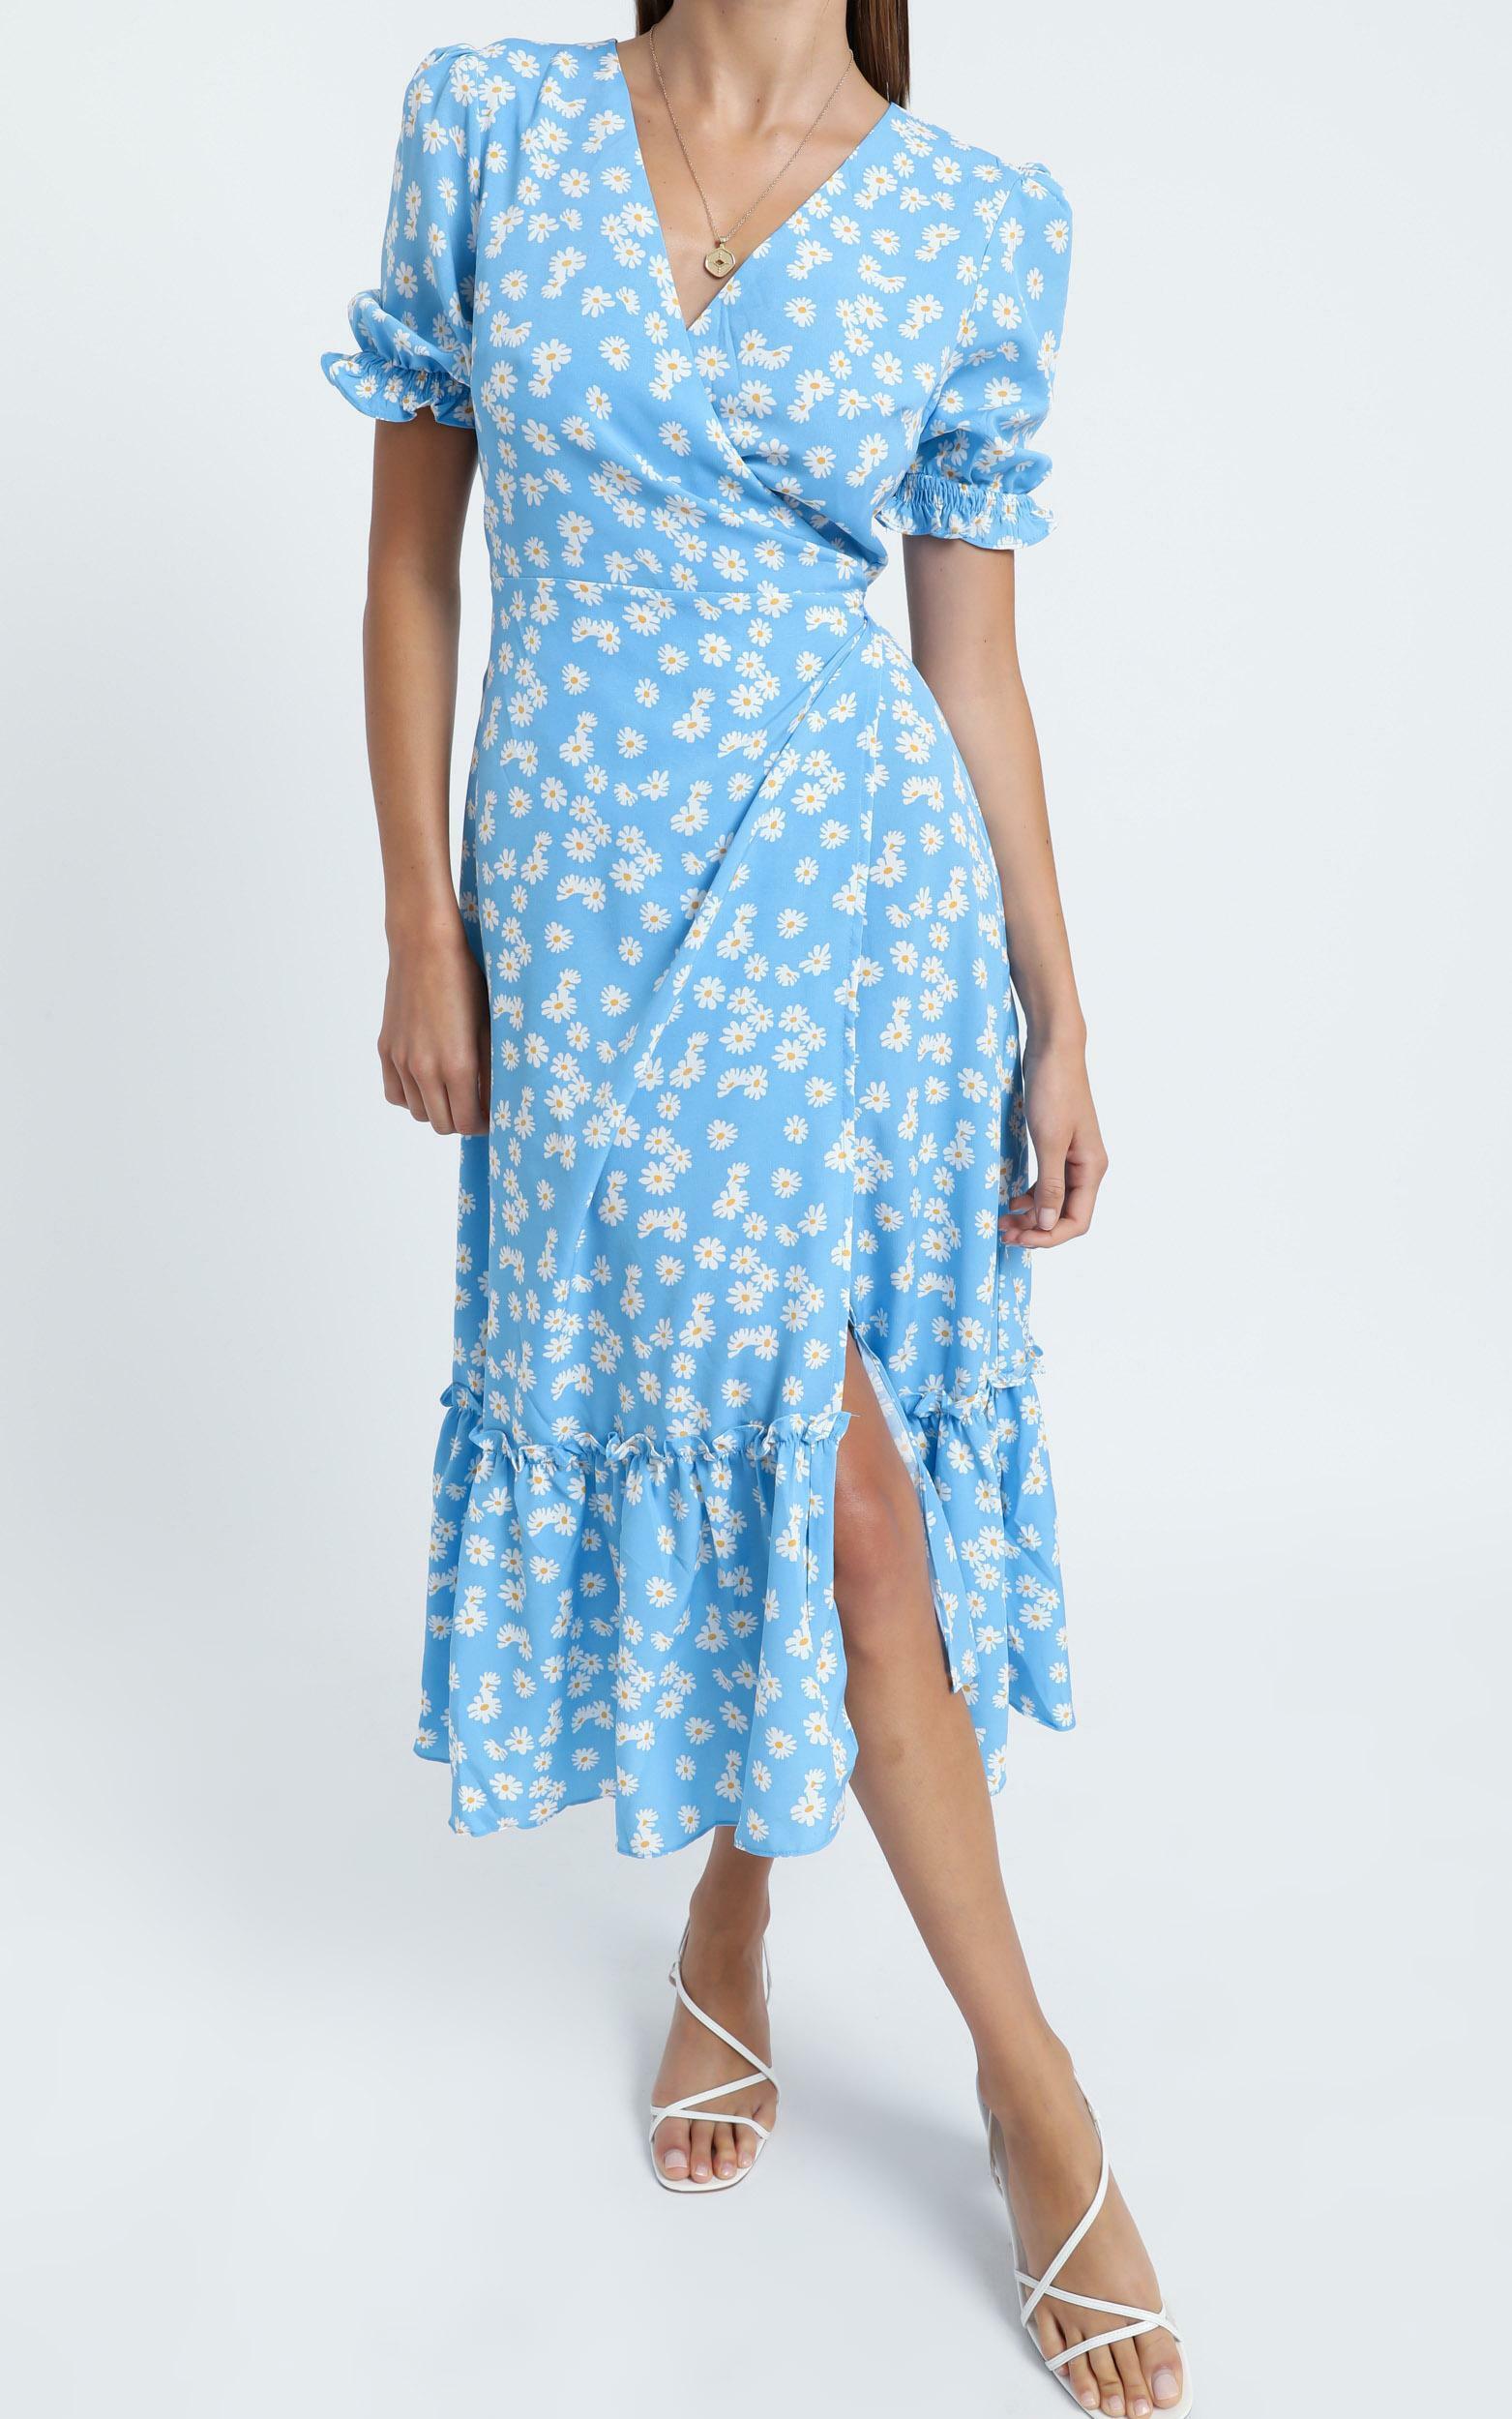 Washington Dress in Blue Floral - 06, BLU1, hi-res image number null